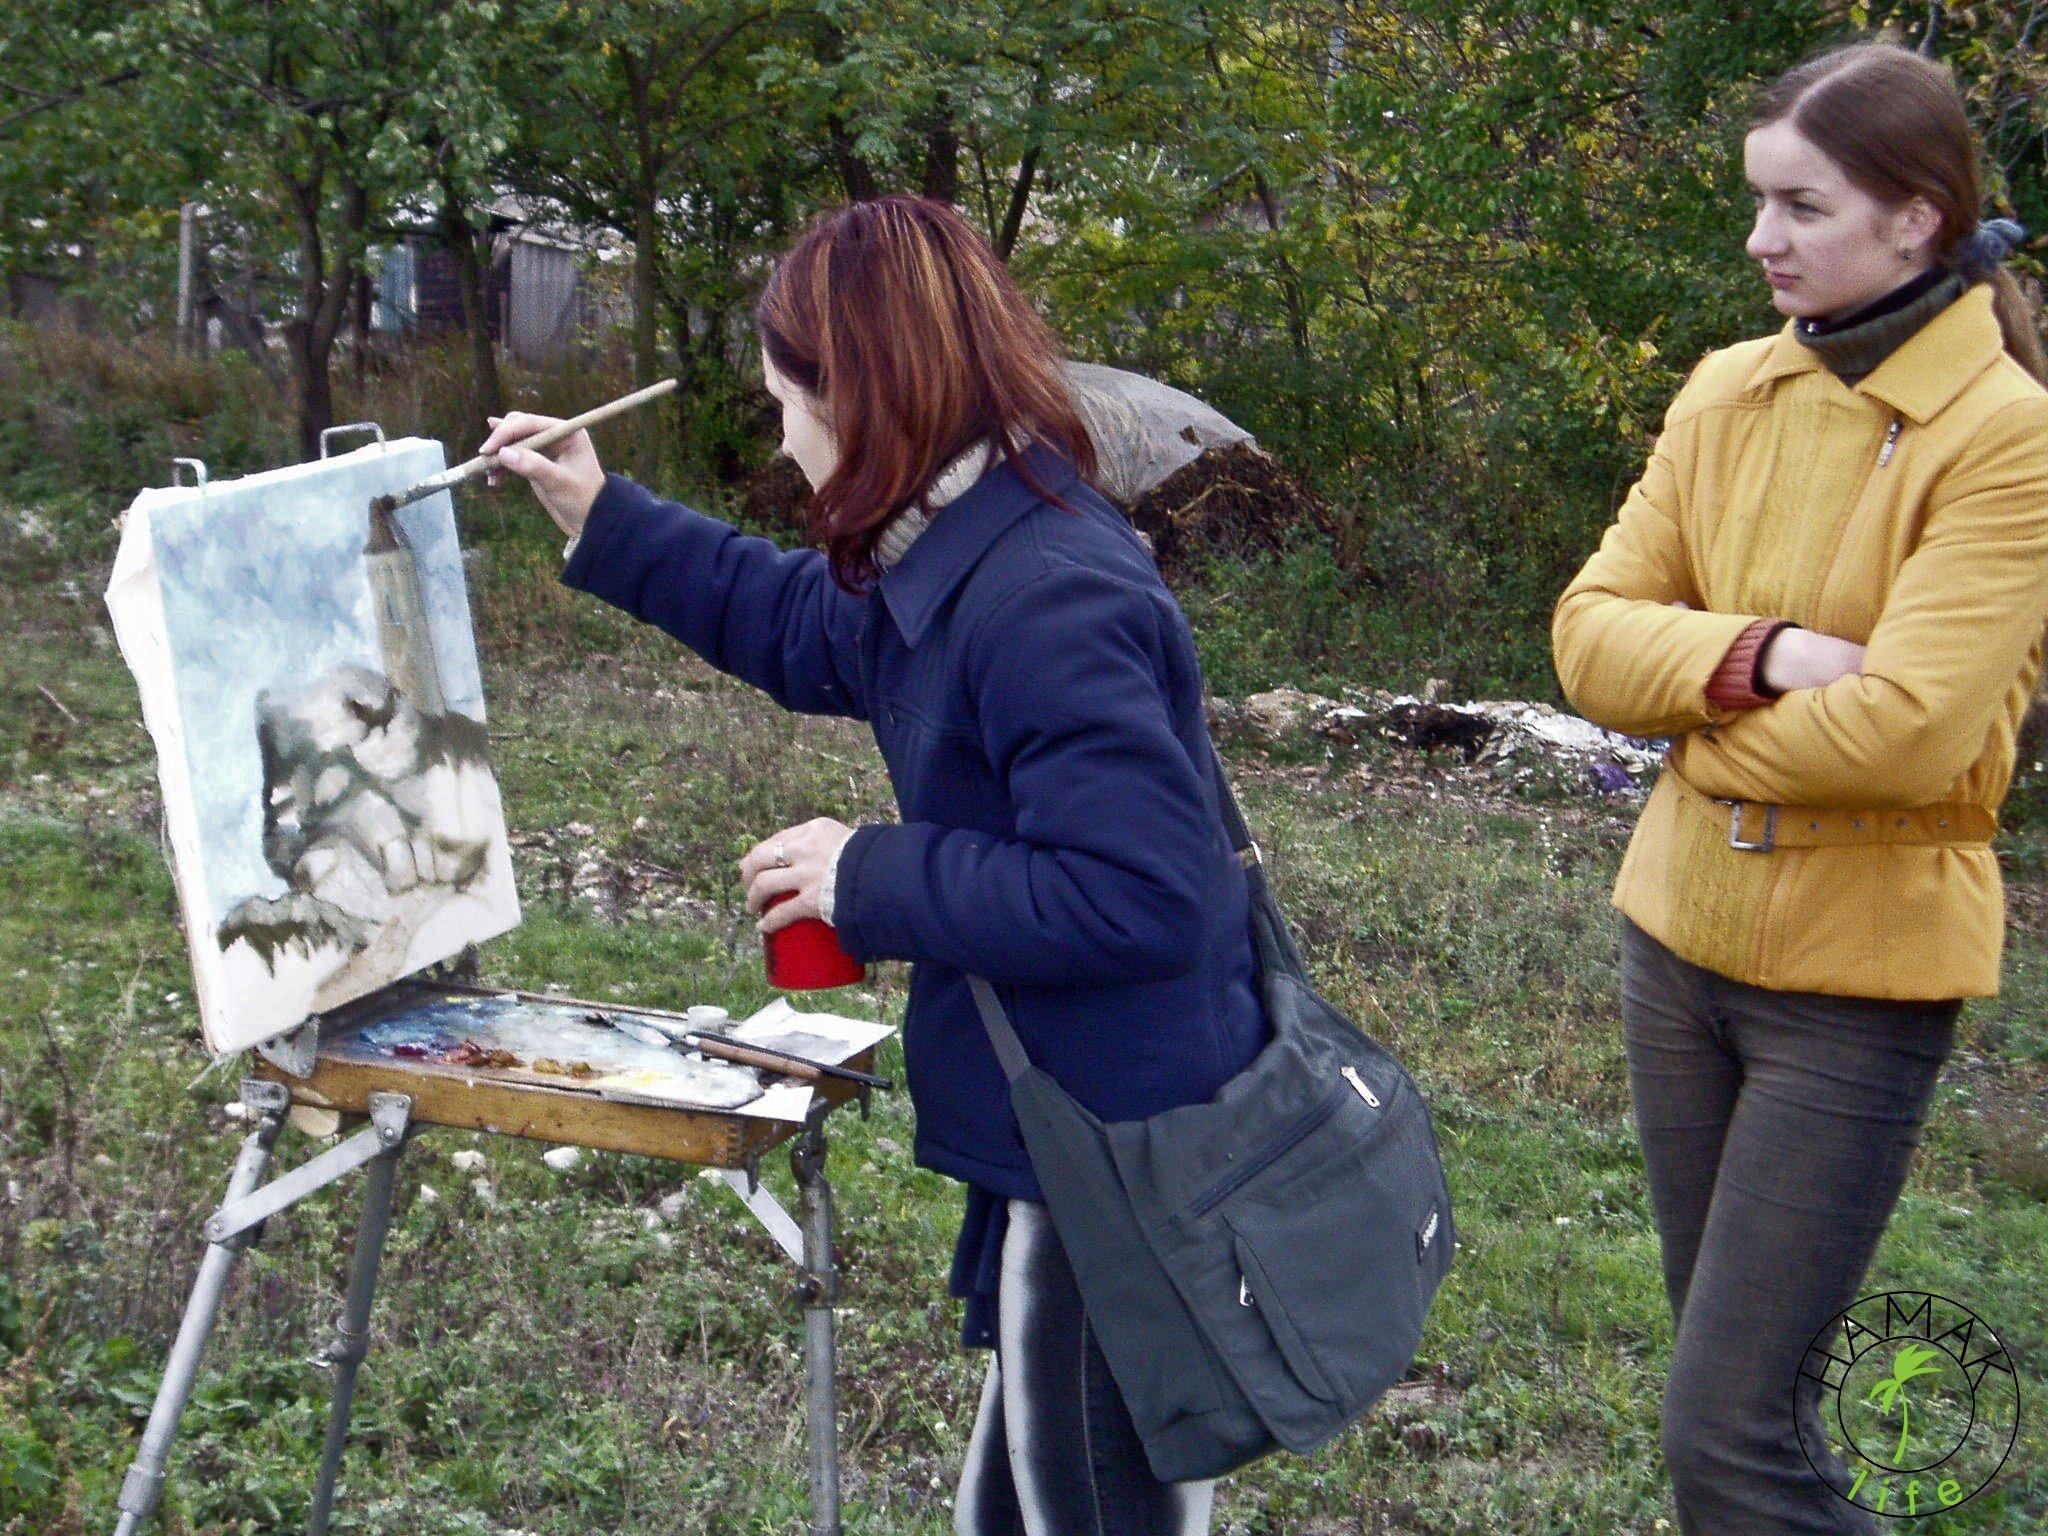 Reportaż z wioski w Mołdawii. Dziewczyny malują w plenerze.